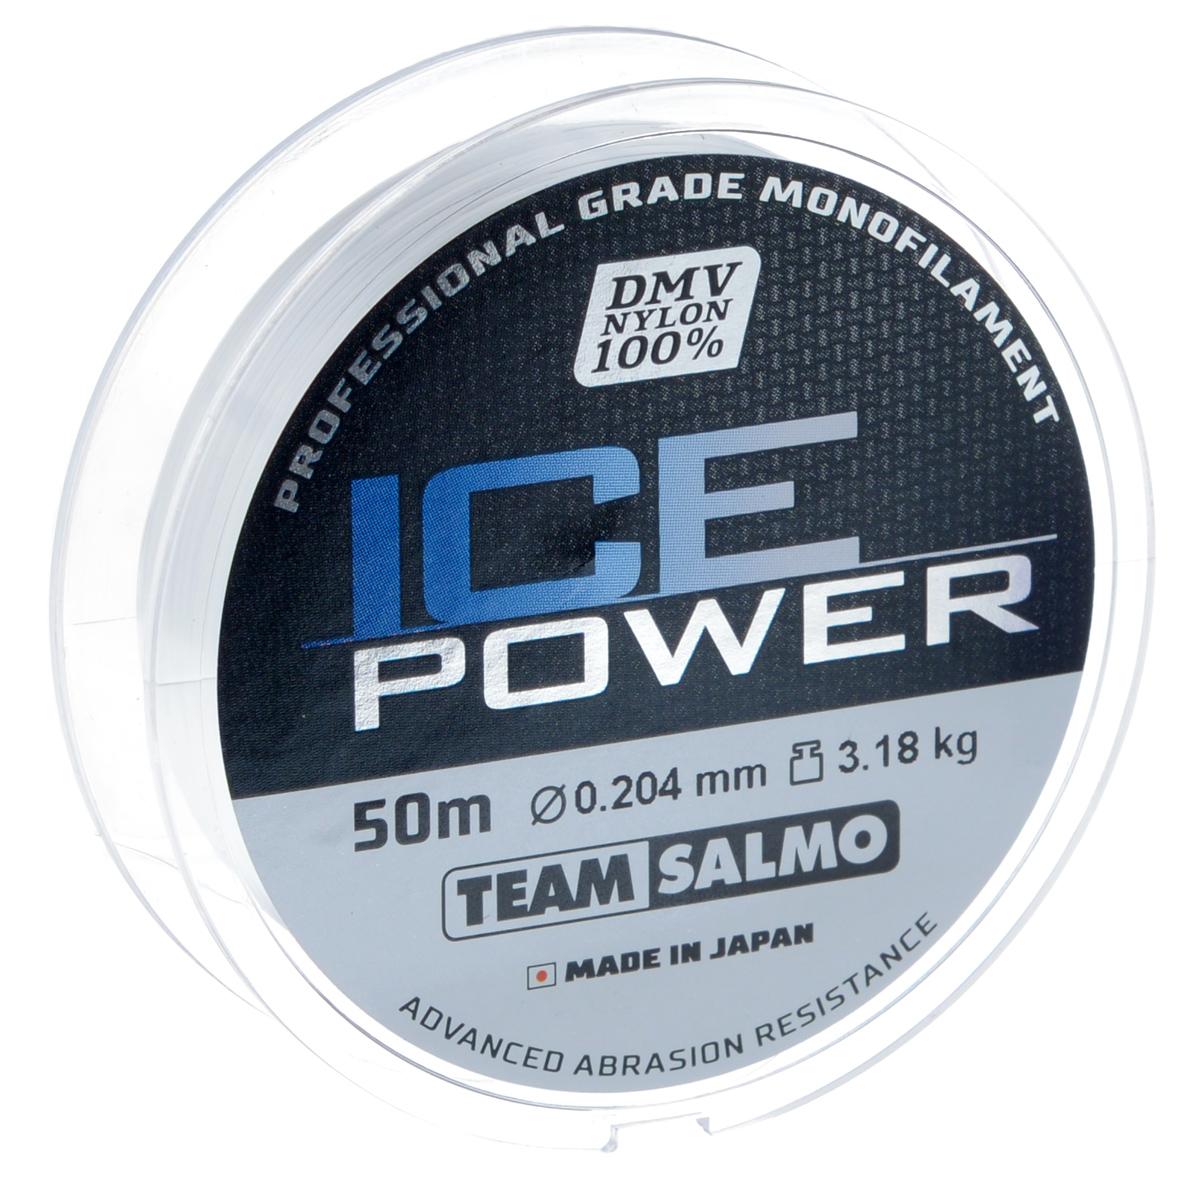 Леска монофильная Team Salmo Ice Power, сечение 0,204 мм, длина 50 м леска монофильная salmo tournament сечение 0 102 мм длина 50 м